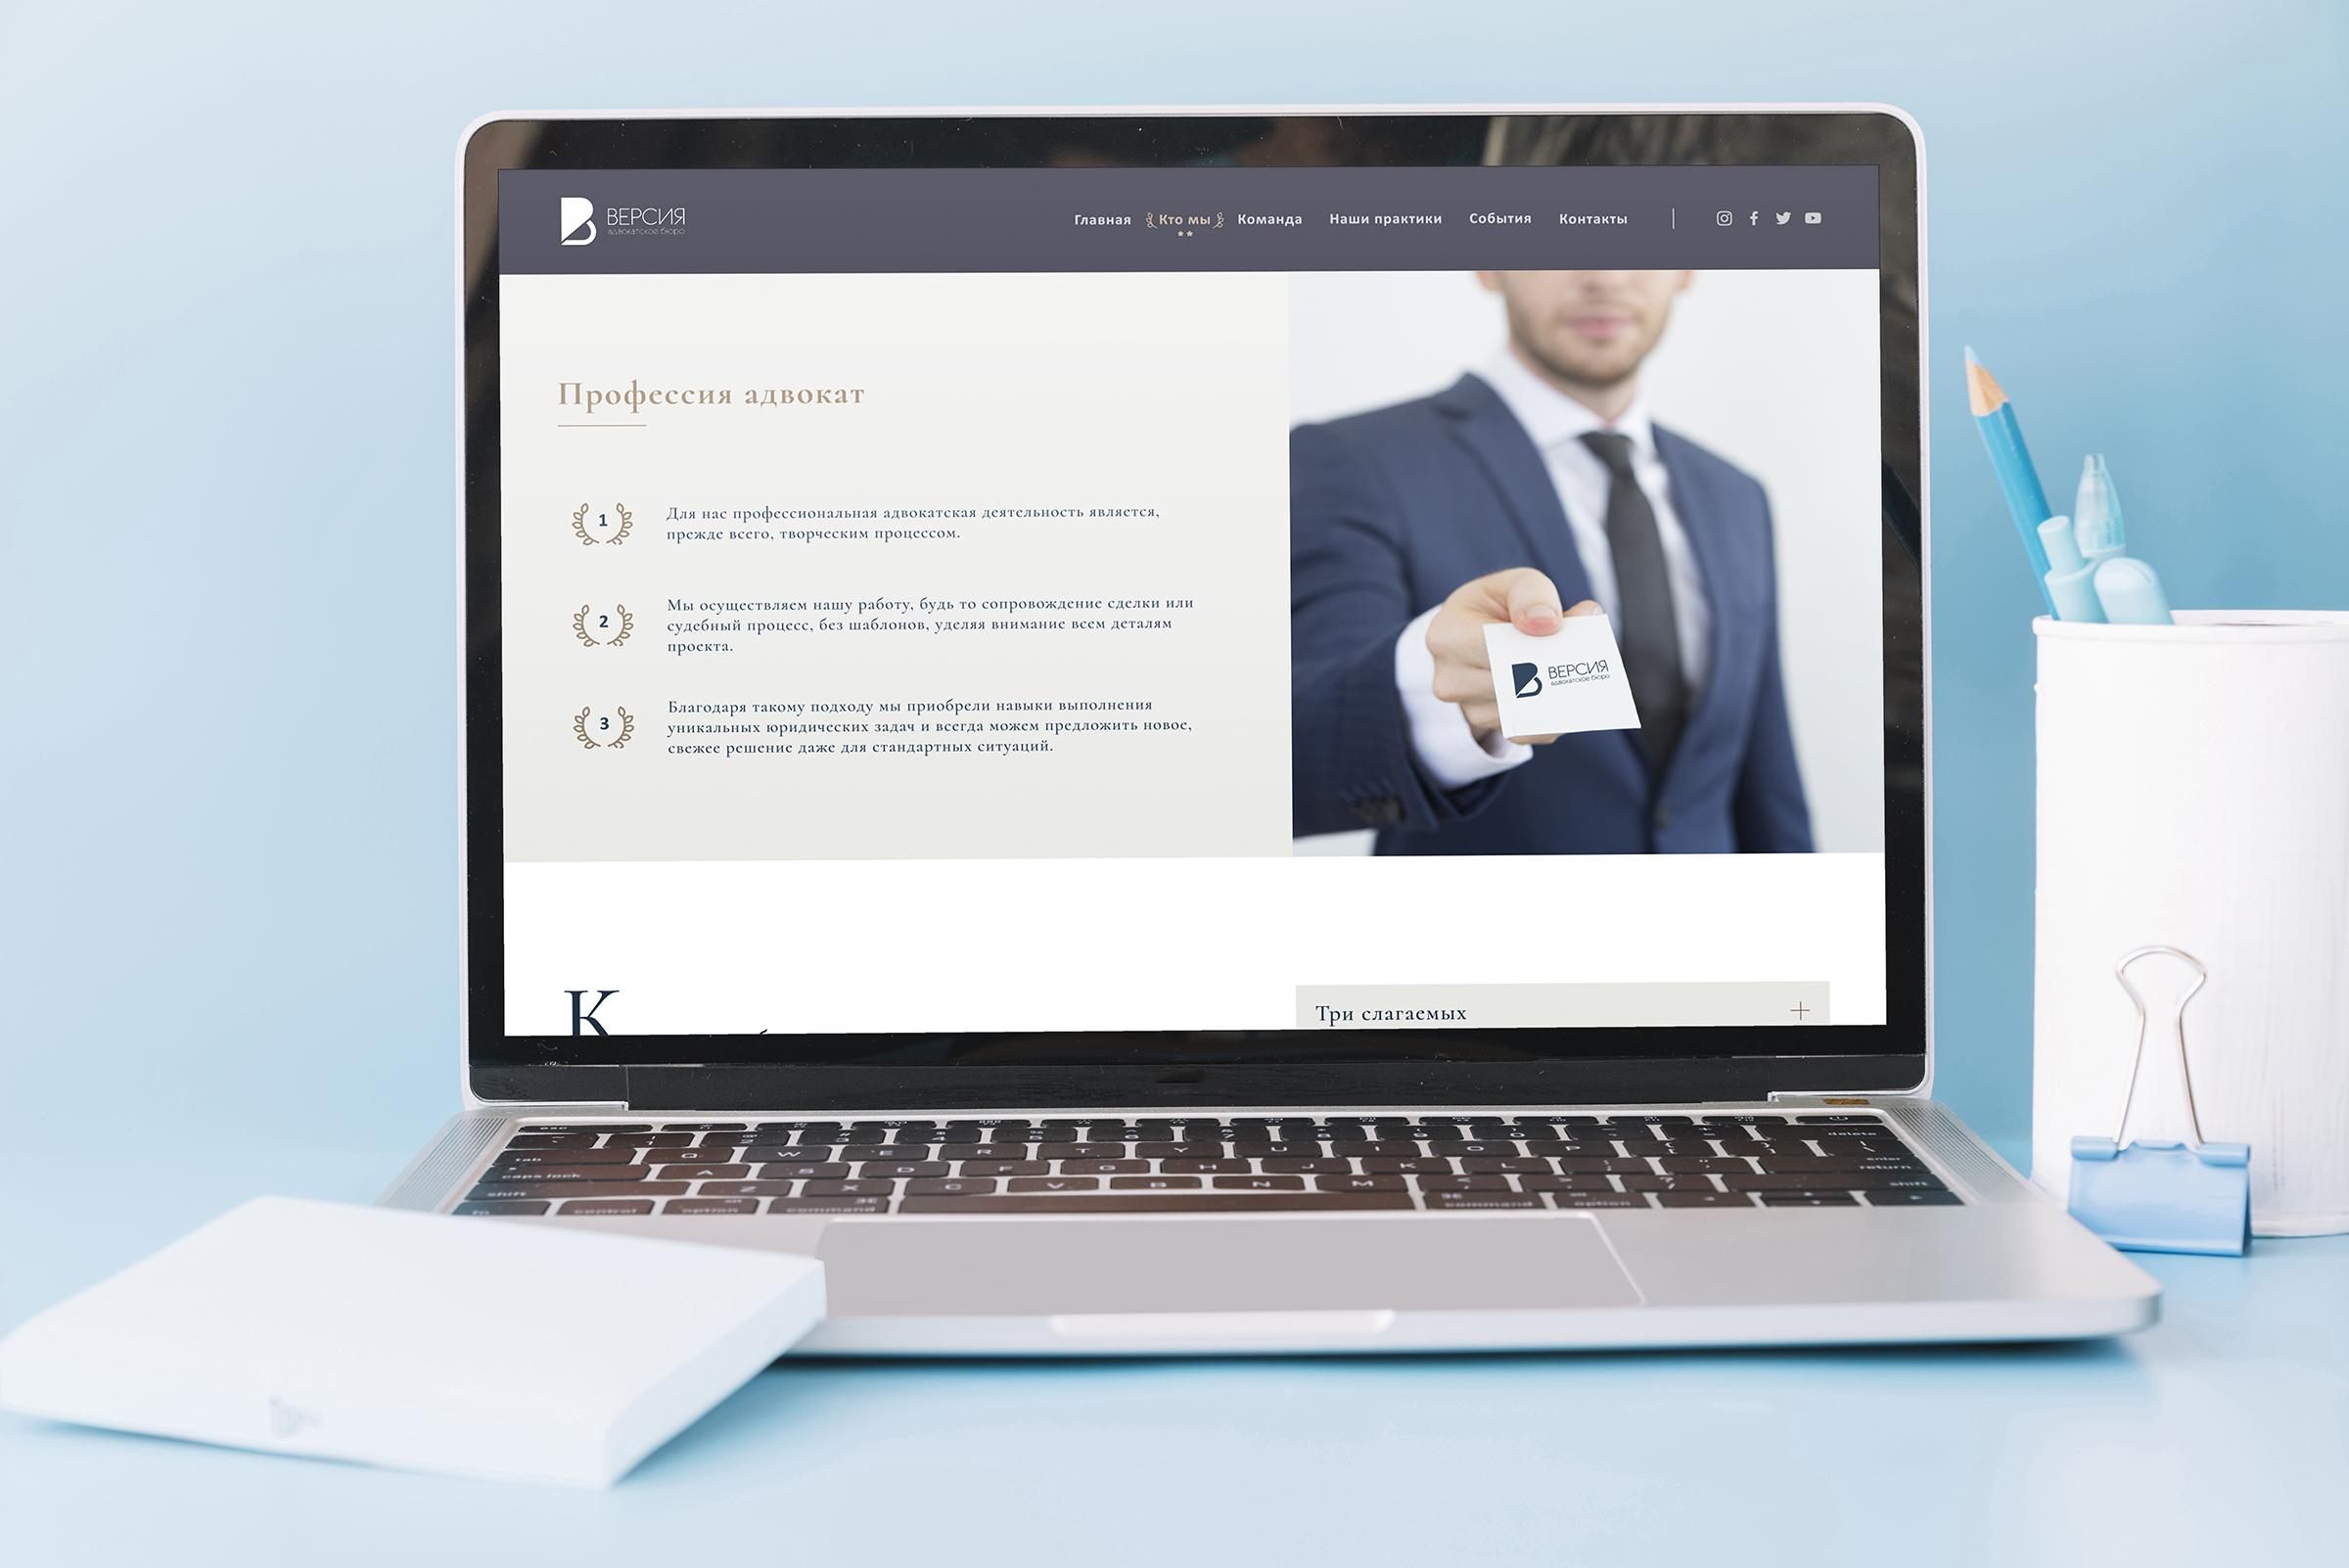 Конкурс на разработку дизайна и конструкцию сайта адвокатского бюро фото f_0835f352780d6c6e.jpg